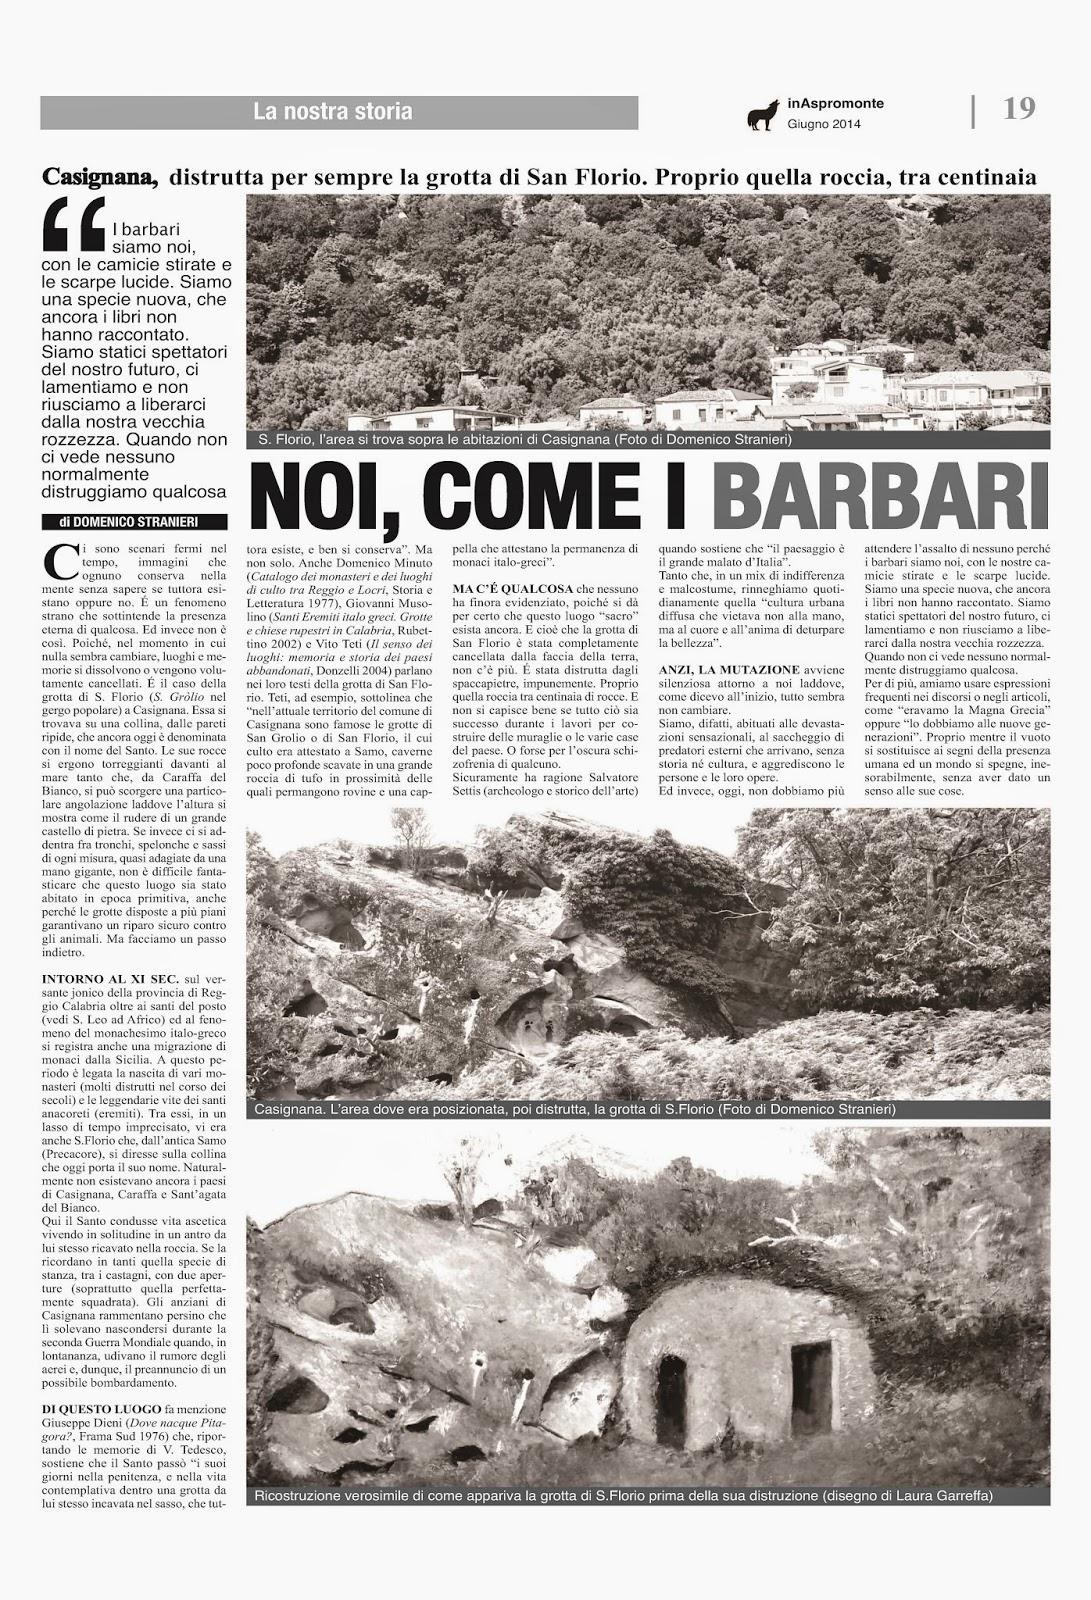 Pezzi stranieri la distruzione della grotta di san florio for Piani torreggianti